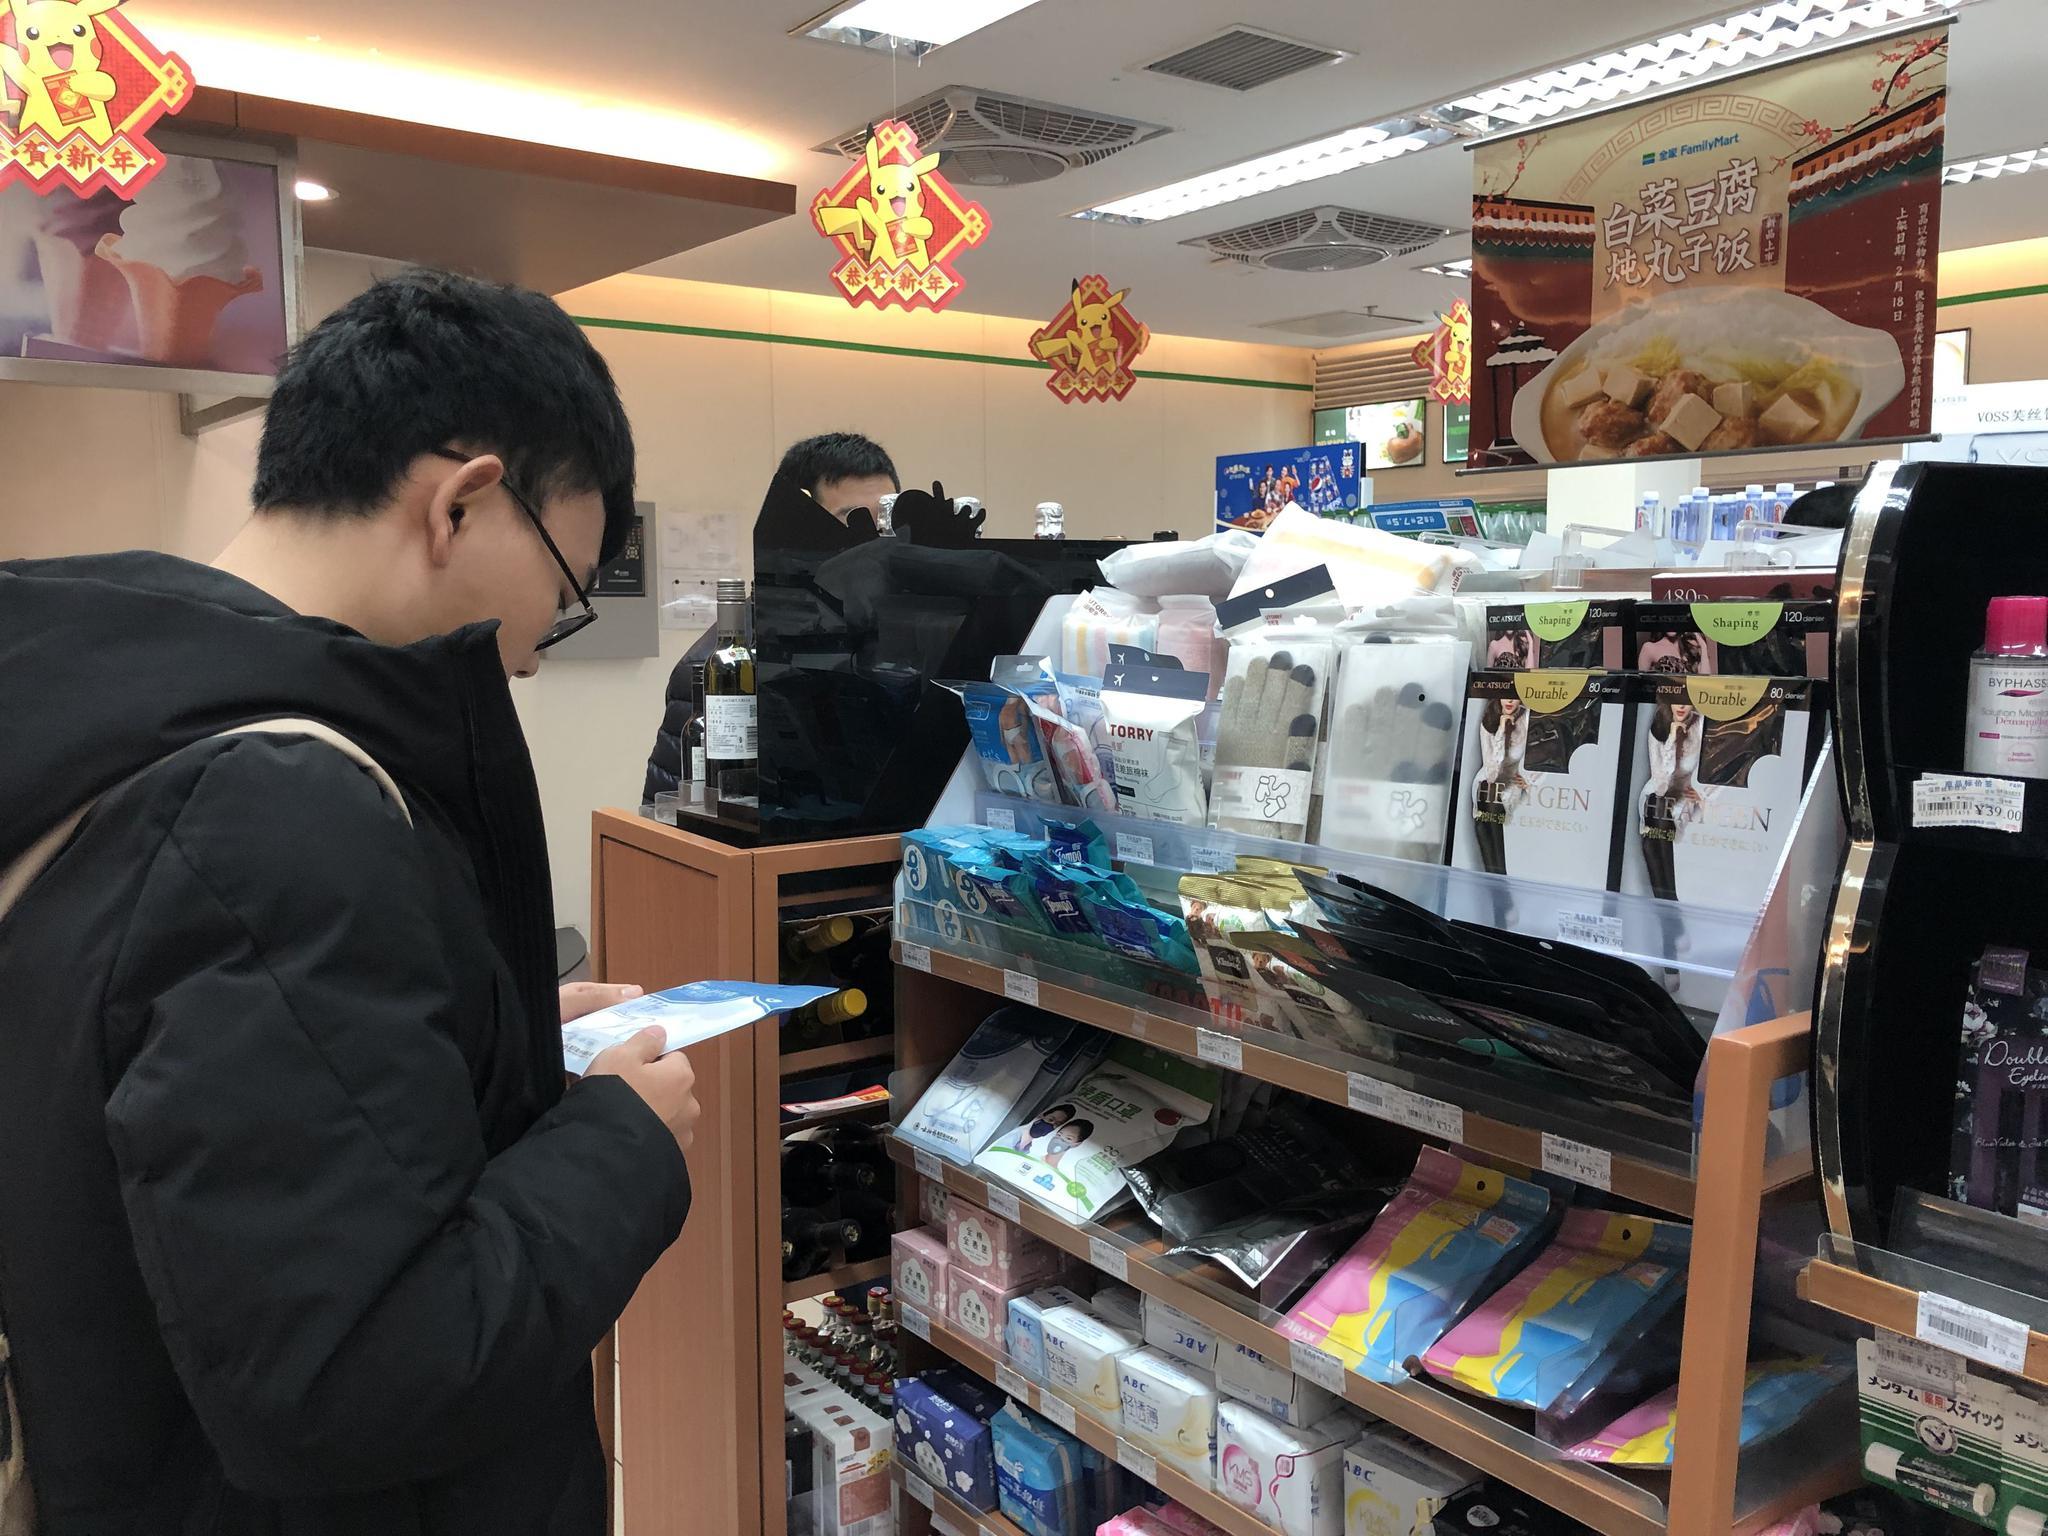 电商平台防毒口罩个别型号缺货 京东天猫未现大规模缺货